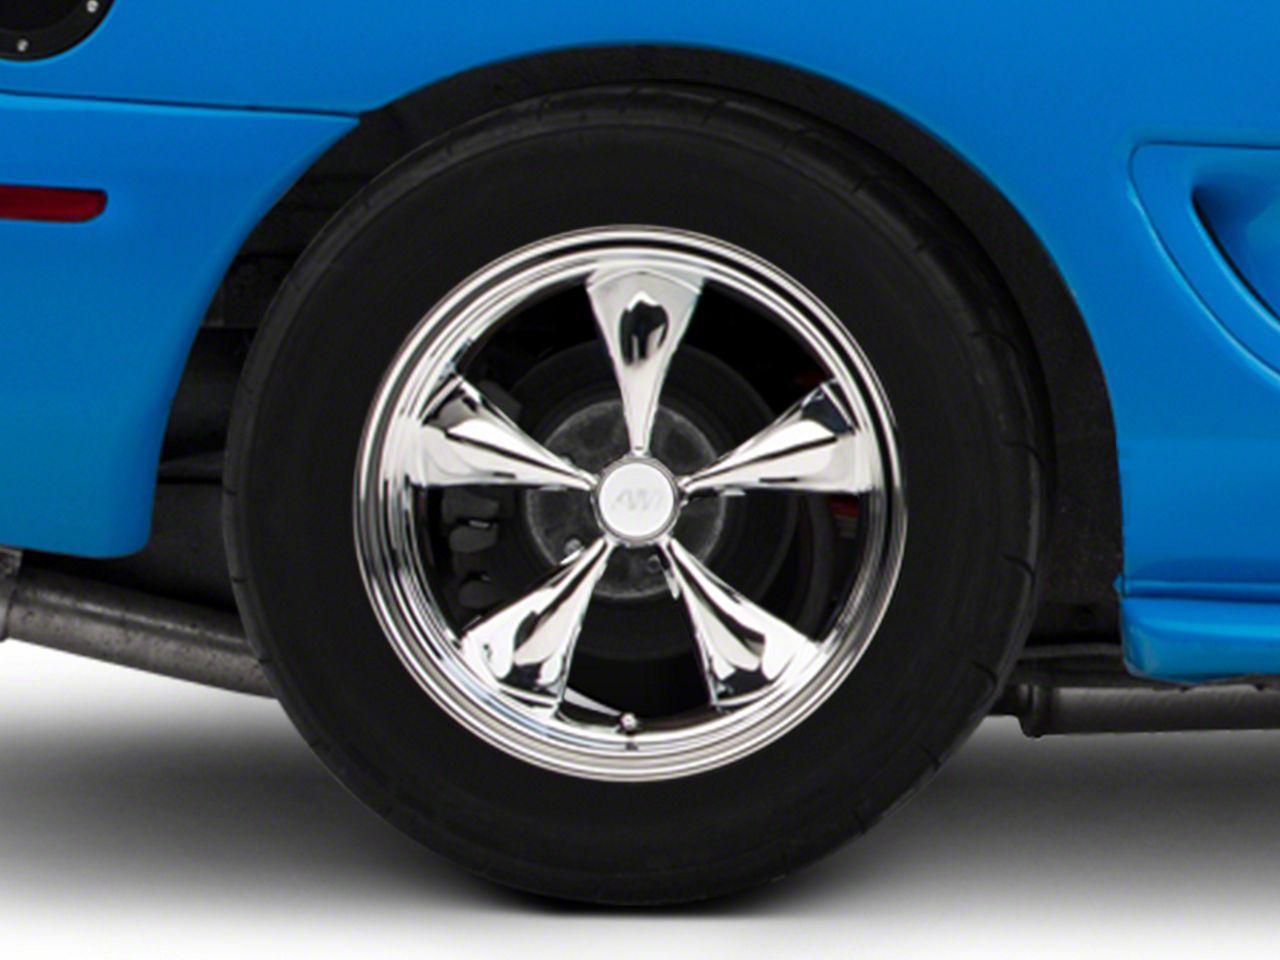 mustang deep dish bullitt chrome wheel 17x10 5 94 04 all Mustang Mach 5 deep dish bullitt chrome wheel 17x10 5 rear only 94 04 all